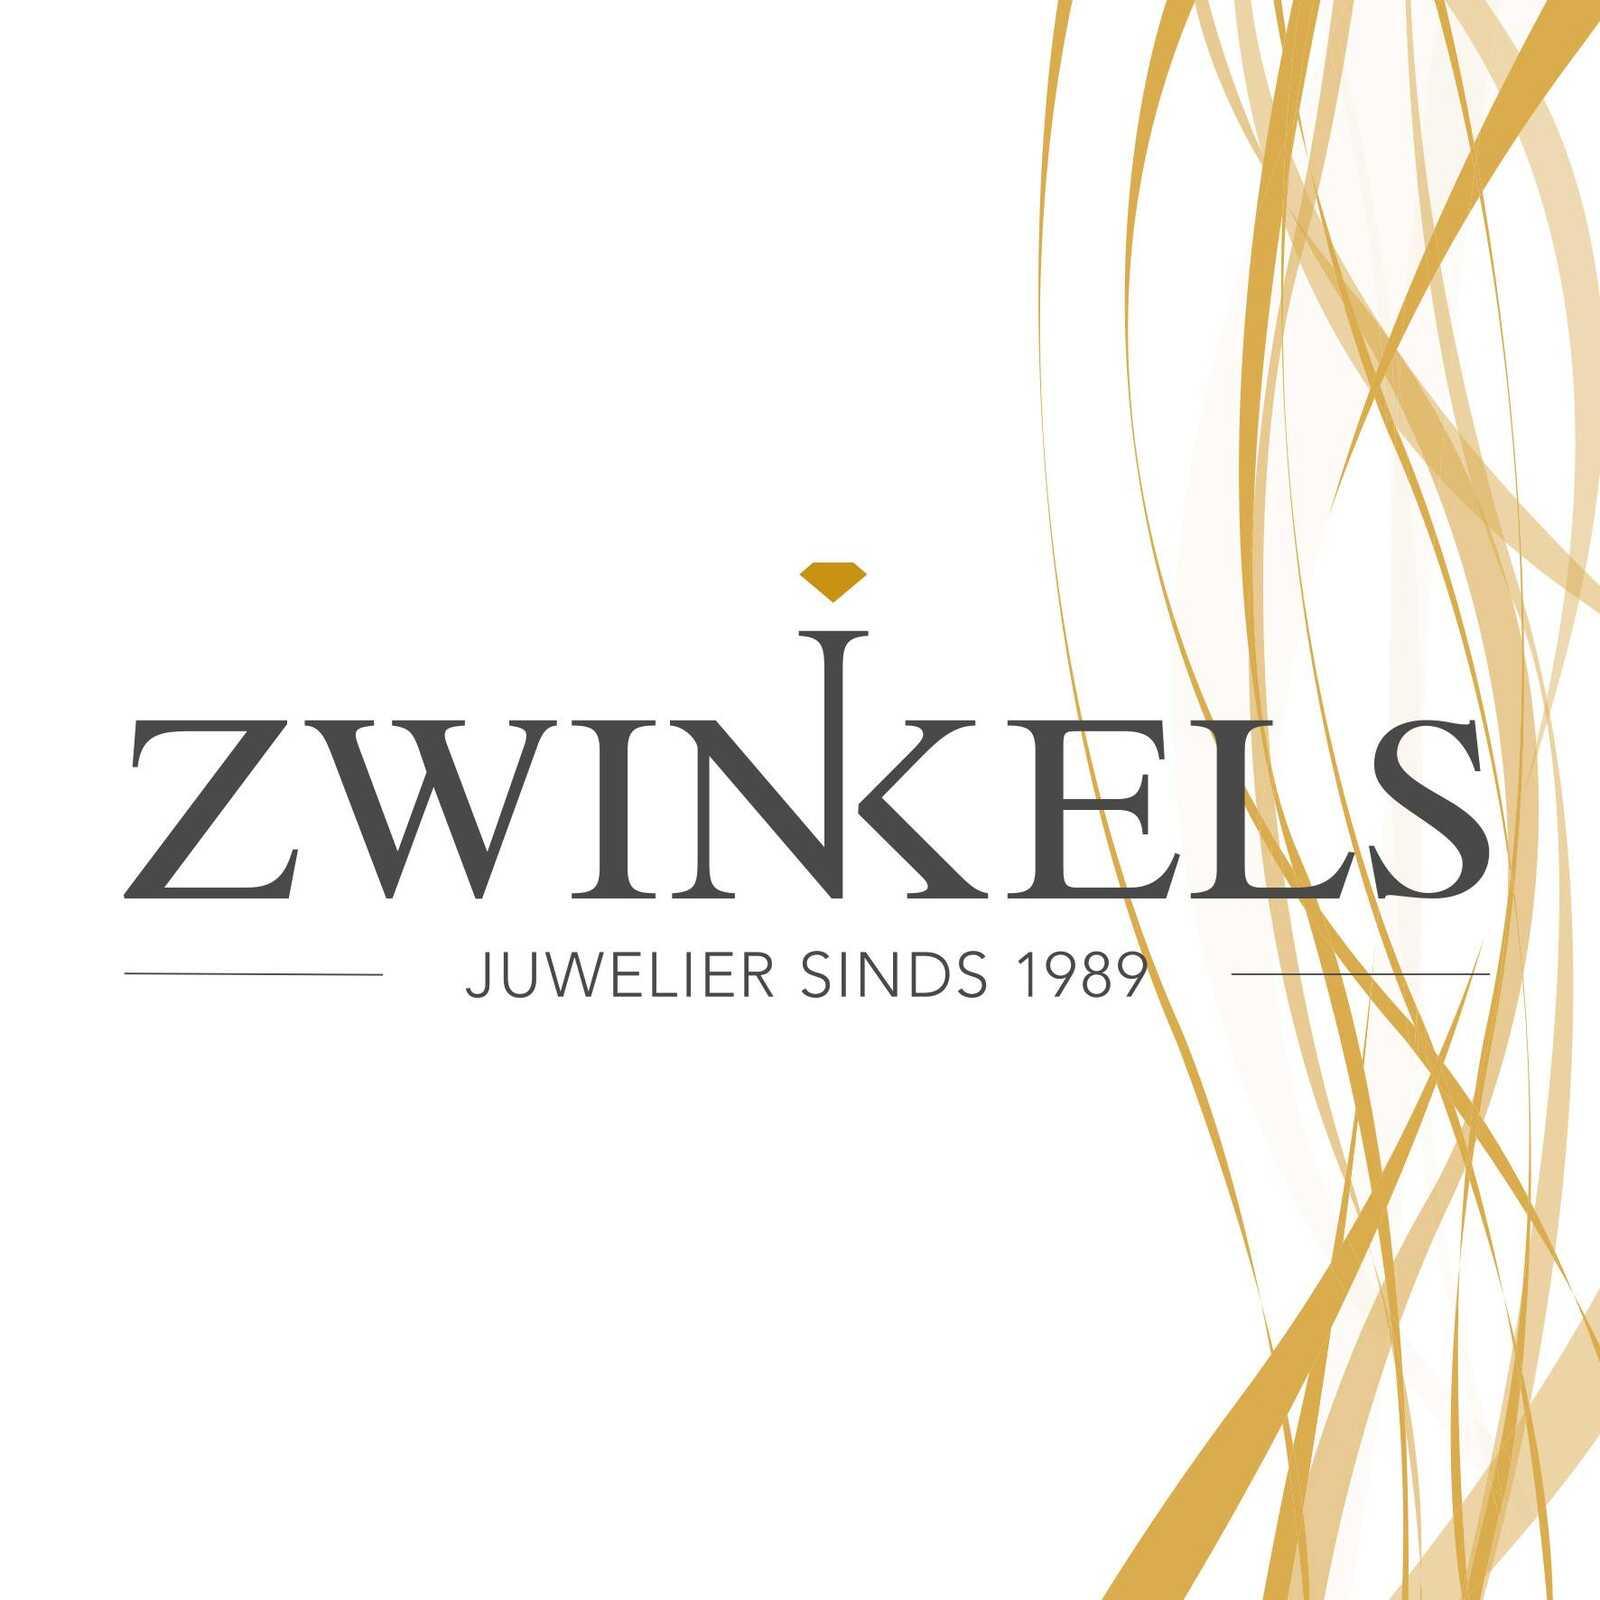 Juwelier Zwinkels